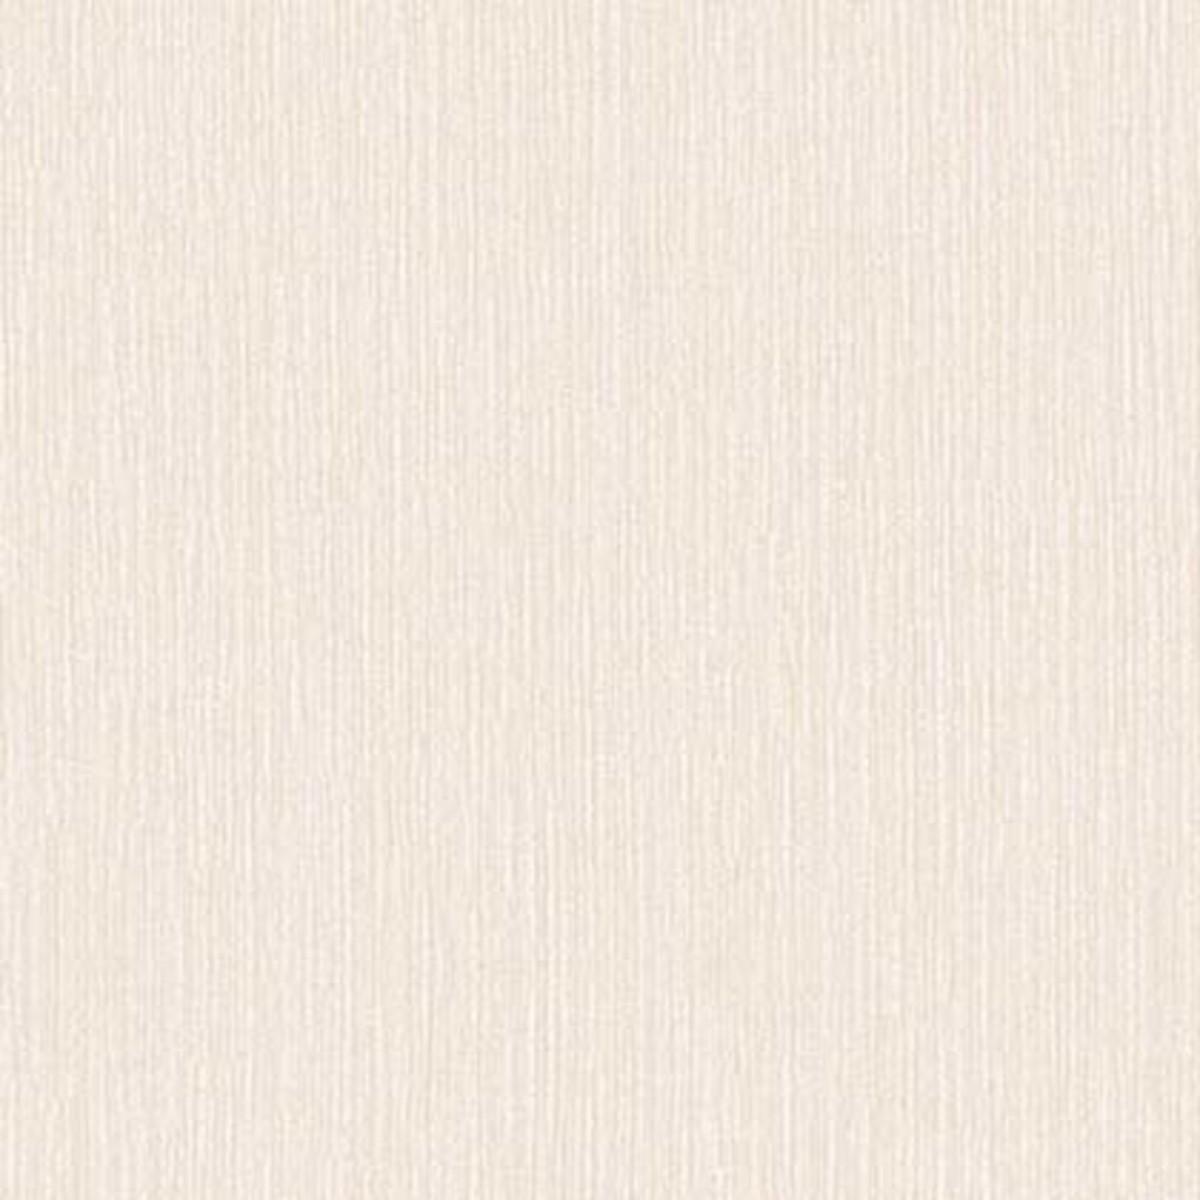 Обои виниловые Gaenari бежевые 1.06 м 97421-2